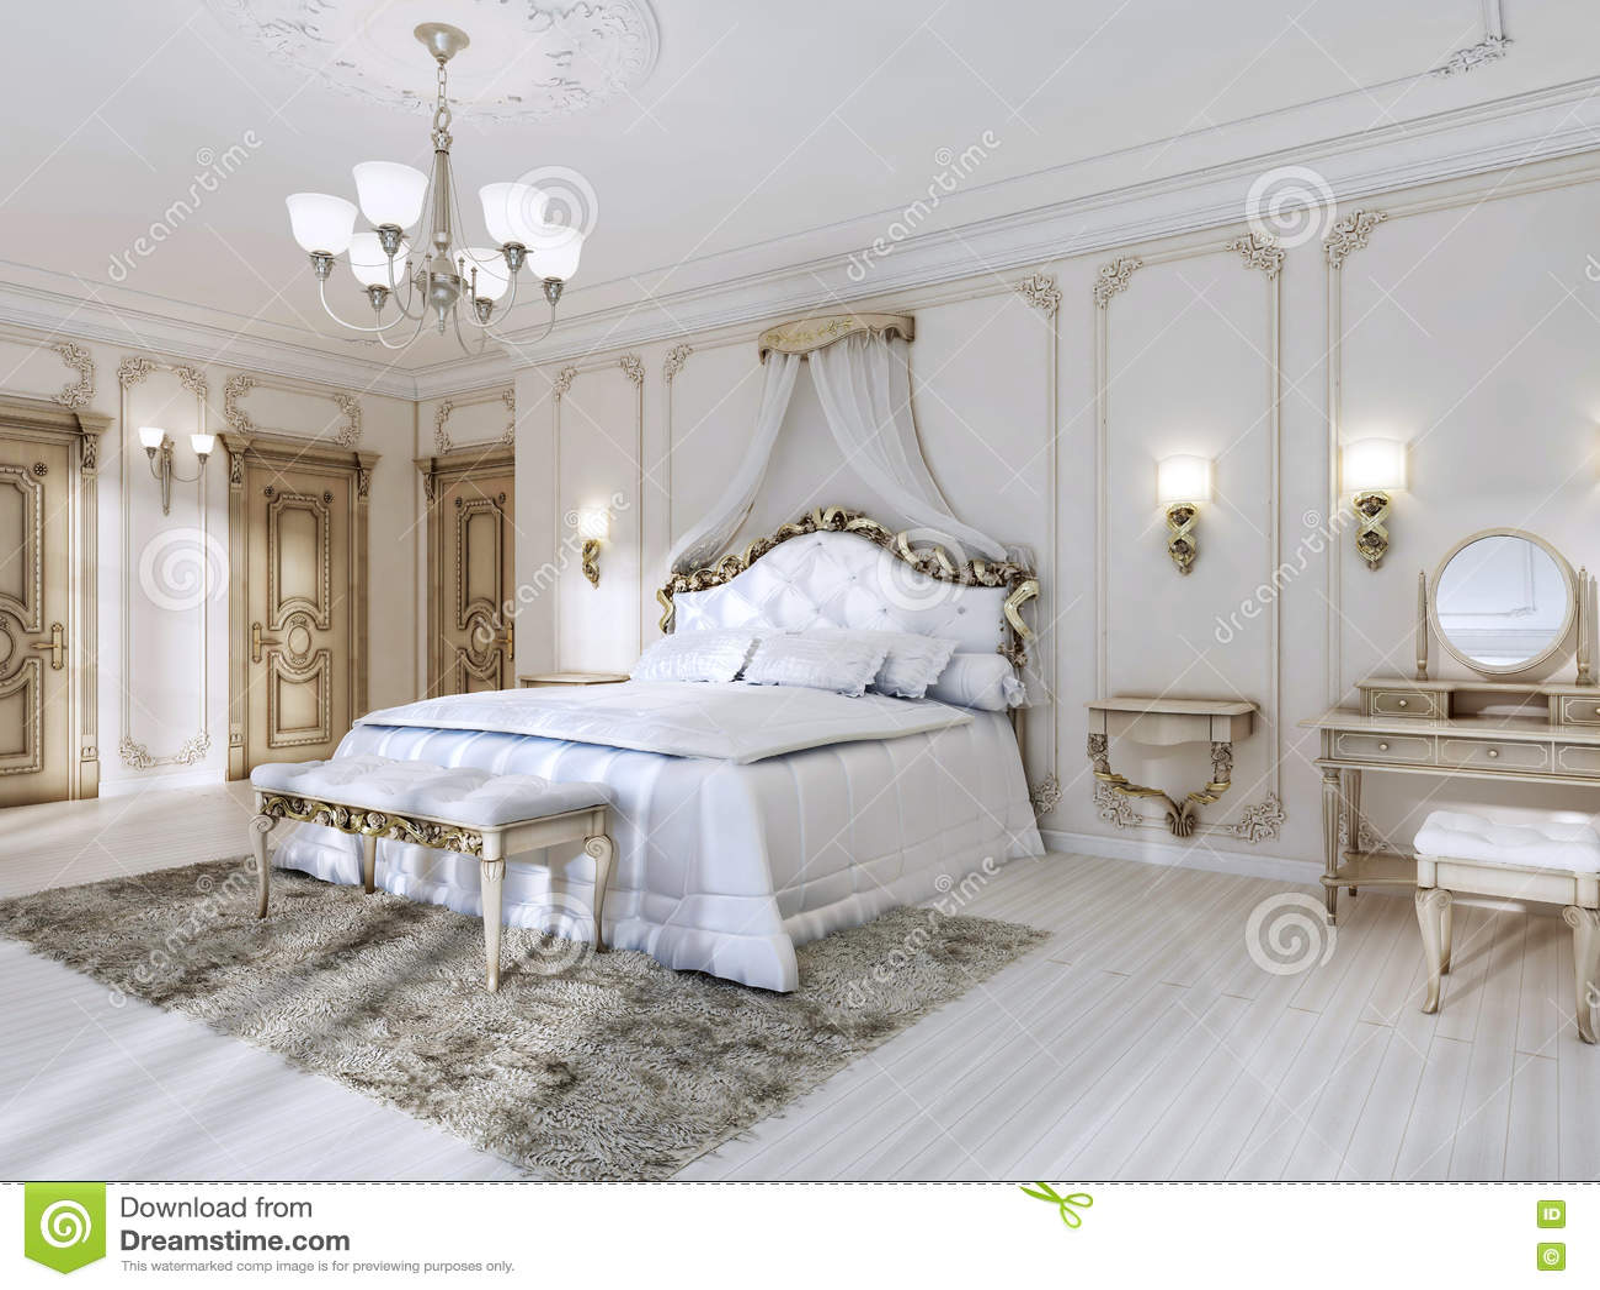 Attraktiv Download Luxuriöses Schlafzimmer In Den Weißen Farben In Einer Klassischen  Art Stock Abbildung   Illustration Von